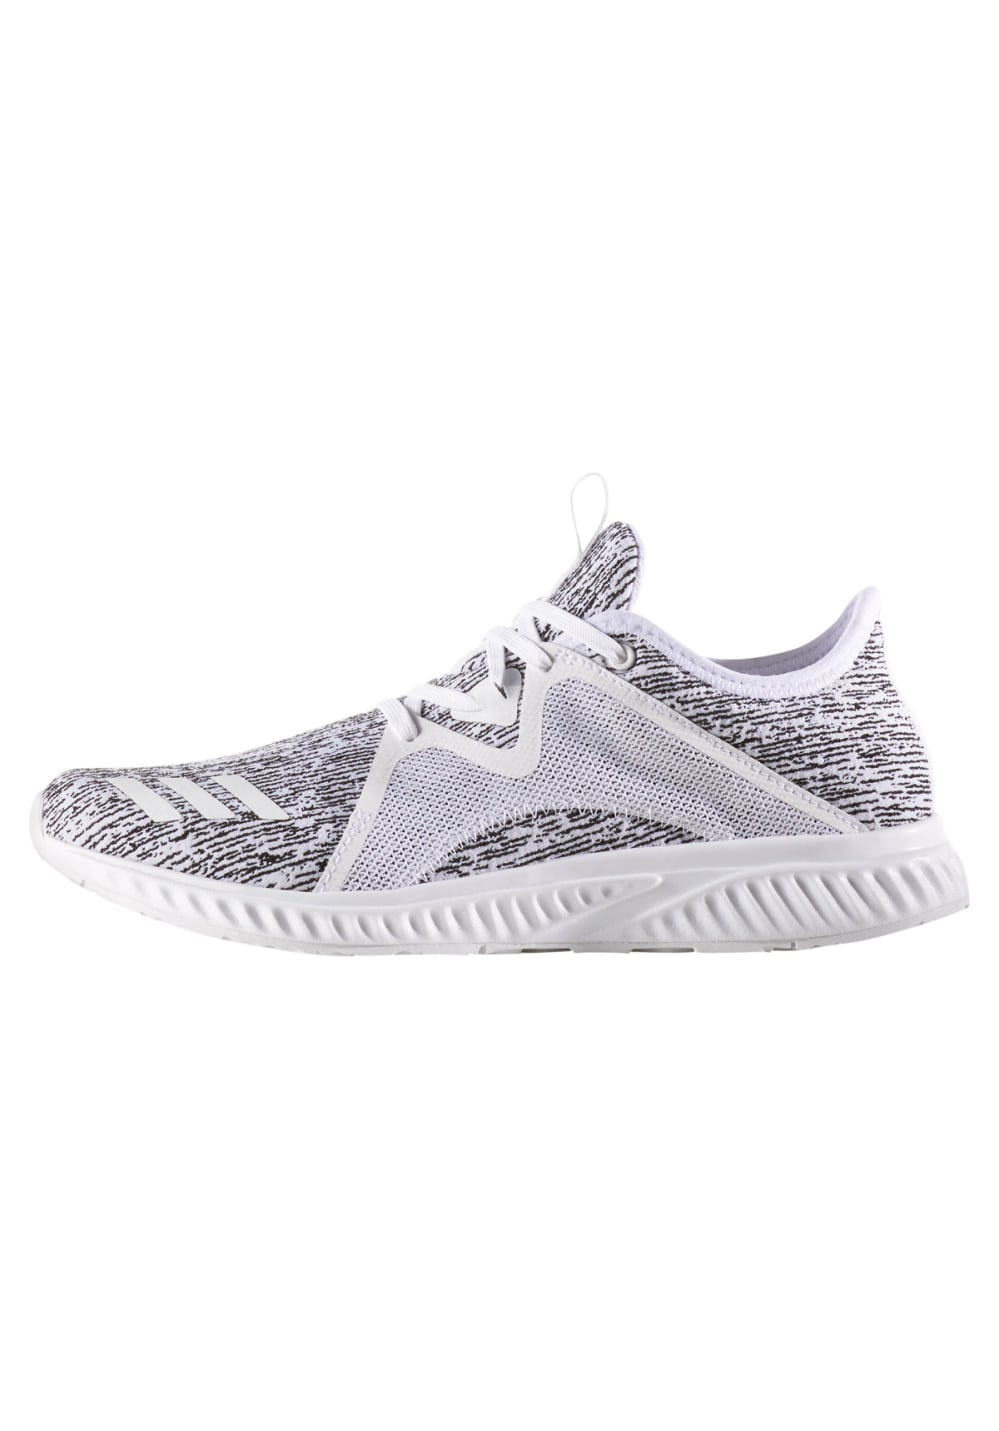 low priced 82b50 e10e8 ... adidas Edge Lux 2.0 - Zapatillas de running para Mujer - Gris. Volver.  1 2 3 4. Previous. Next